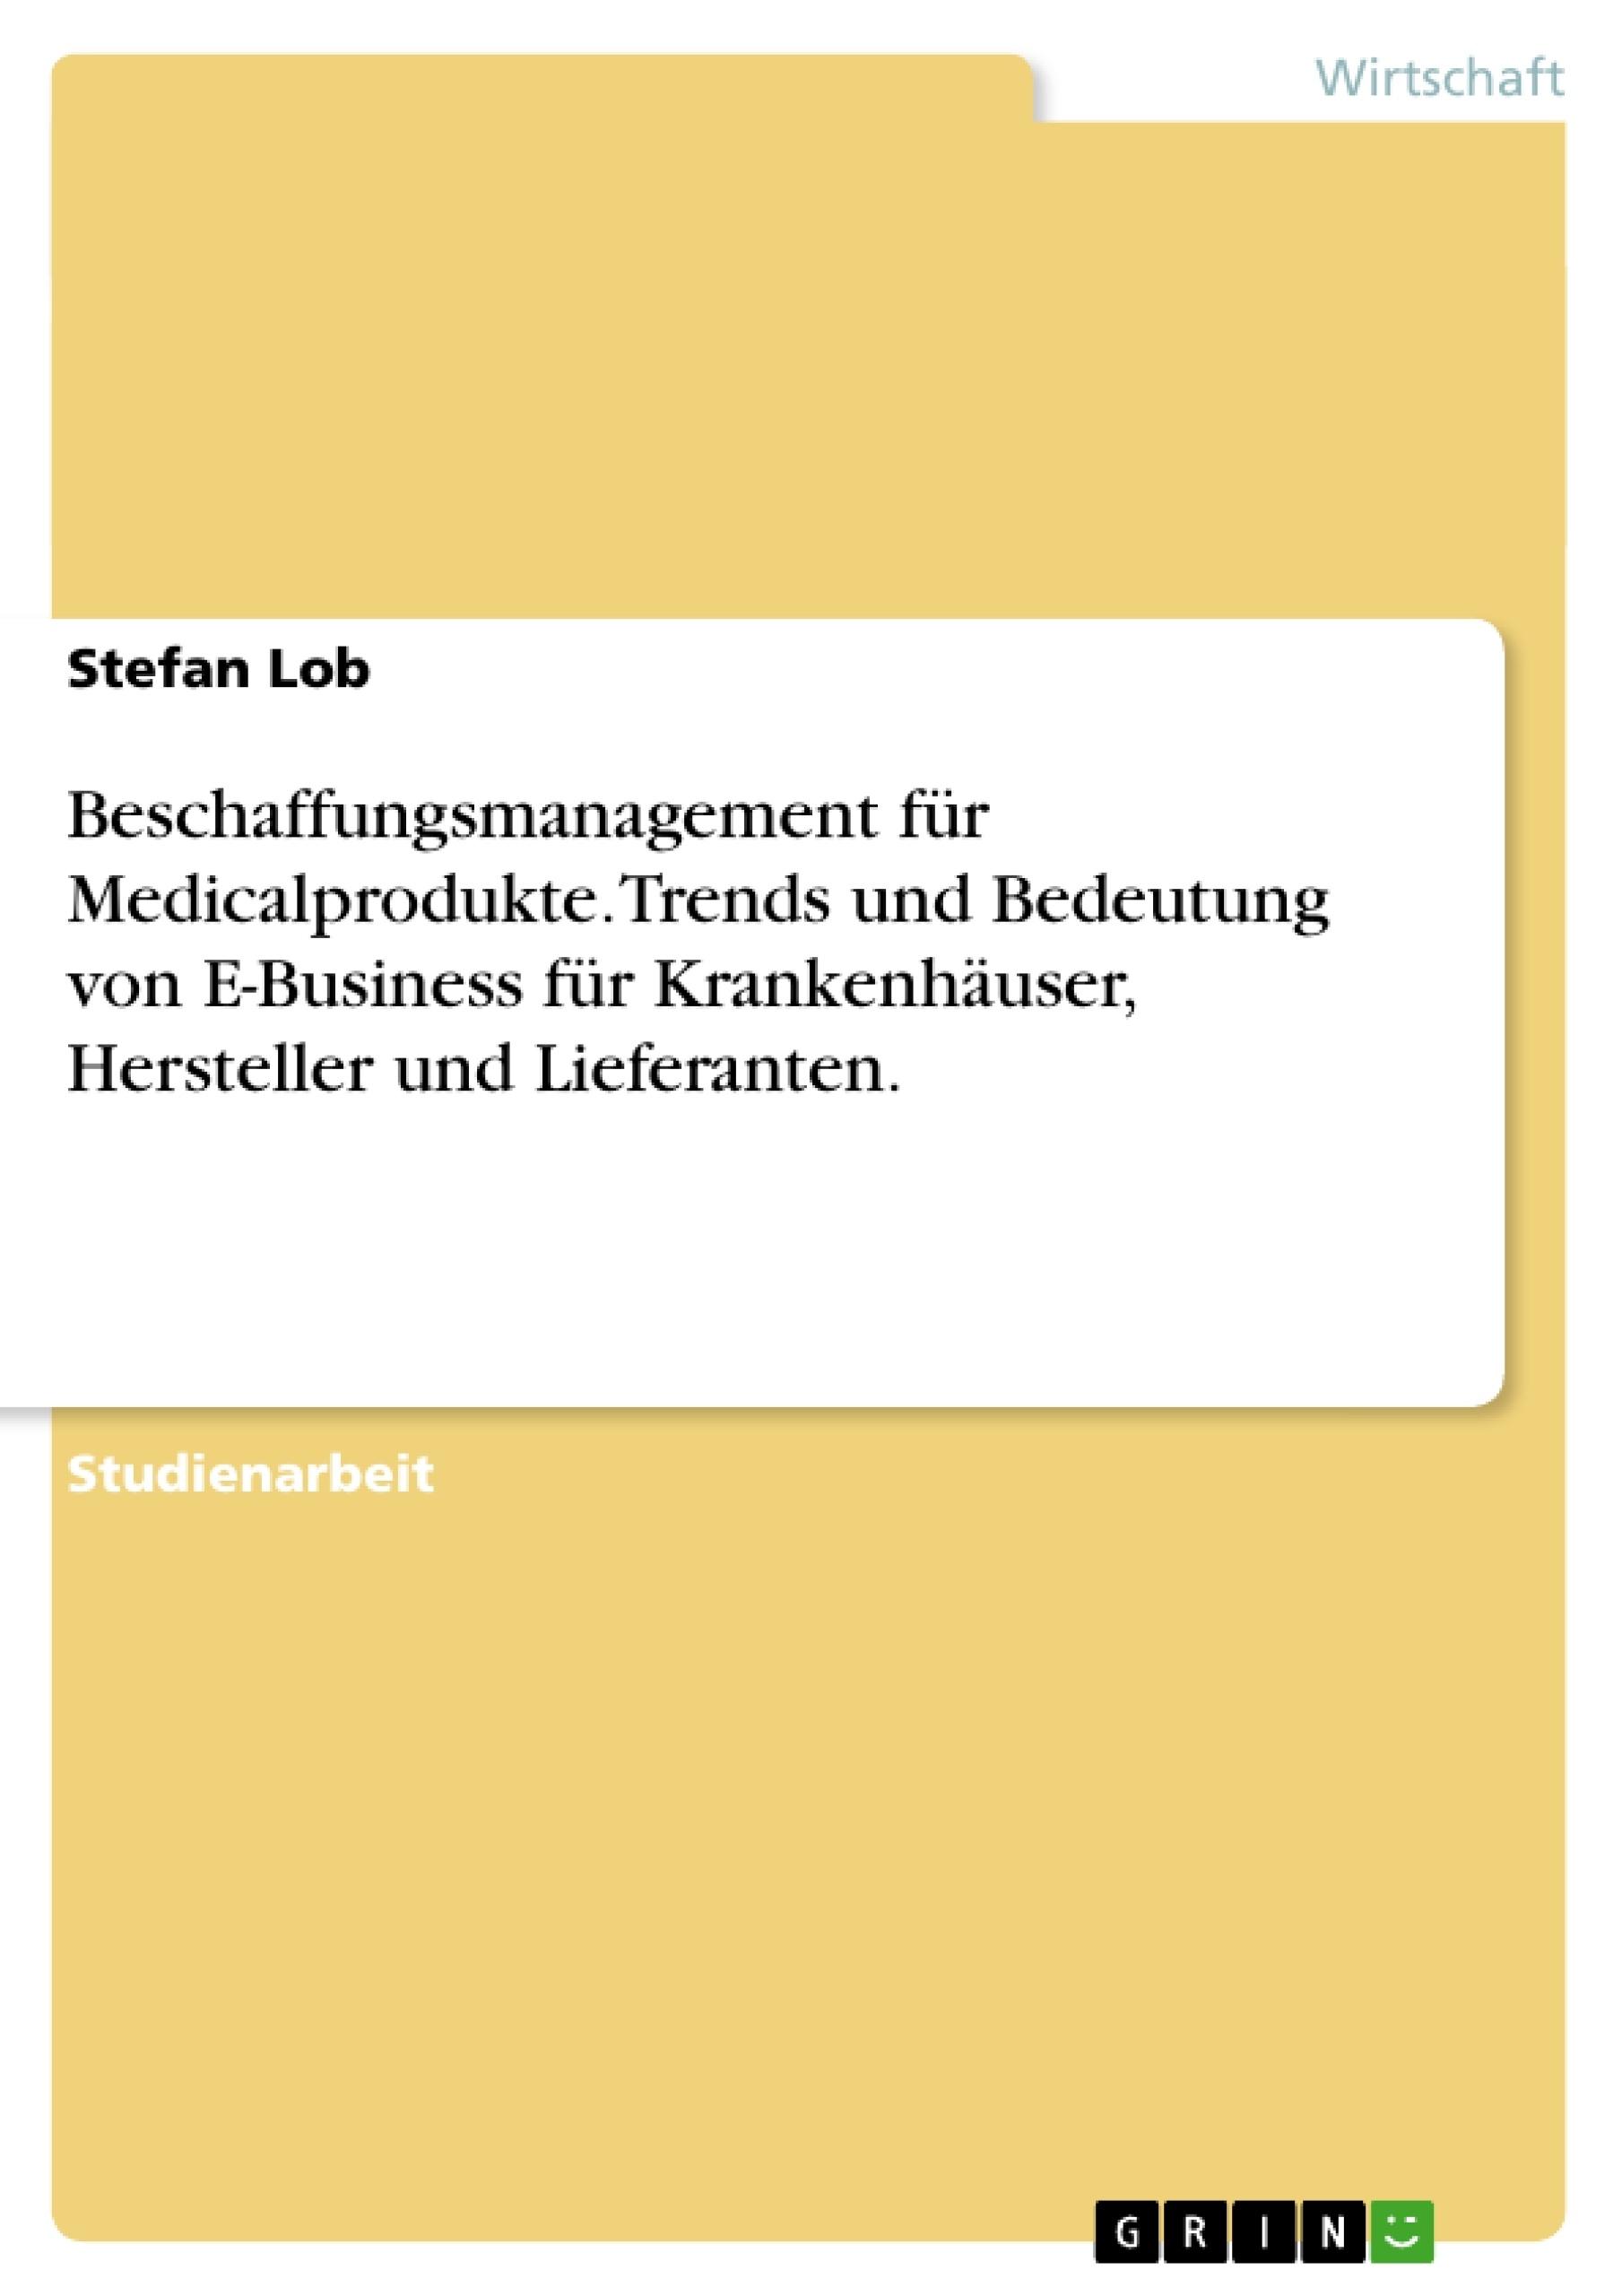 Titel: Beschaffungsmanagement für Medicalprodukte. Trends und Bedeutung von E-Business für Krankenhäuser, Hersteller und Lieferanten.